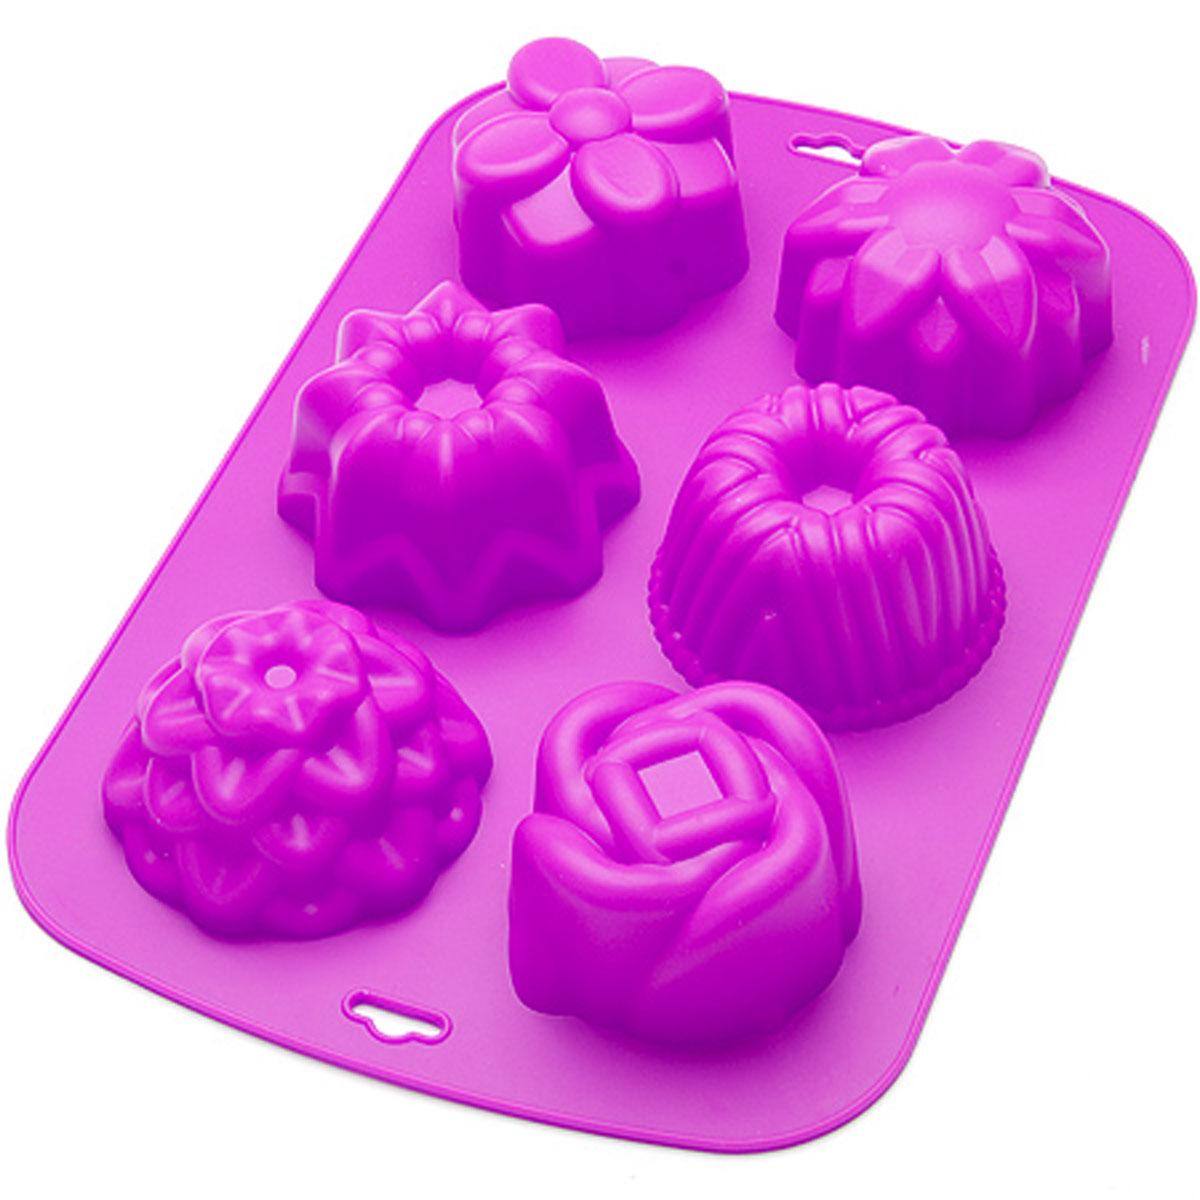 24635 Форма для выпечки 33,5х21см силикон МВ (х24)24635Форма для выпечки Материал: силикон. Размер: 32,6 х 21,7 х 7,5 см. Средний размер одной ячейки: 8,5 х 4,5 см. Количество ячеек: 6 шт. Вес: 217 г. Форма для выпечки и заморозки Mayer & Boch выполнена из силикона и предназначена для изготовления конфет, мармелада, желе, льда и выпечки. На одном листе расположено 6 небольших ячеек различной формы. Оригинальный способ подачи изделий не оставит равнодушными родных и друзей. Силиконовые формы выдерживают высокие и низкие температуры (от -40°С до +230°С). Они эластичны, износостойки, легко моются, не горят и не тлеют, не впитывают запахи, не оставляют пятен. Силикон абсолютно безвреден для здоровья. Не используйте моющие средства, содержащие абразивы. Можно мыть в посудомоечной машине. Формы для выпечки и заморозки Mayer & Boch - отличный подарок! Они удобны и необходимы любой хозяйке!